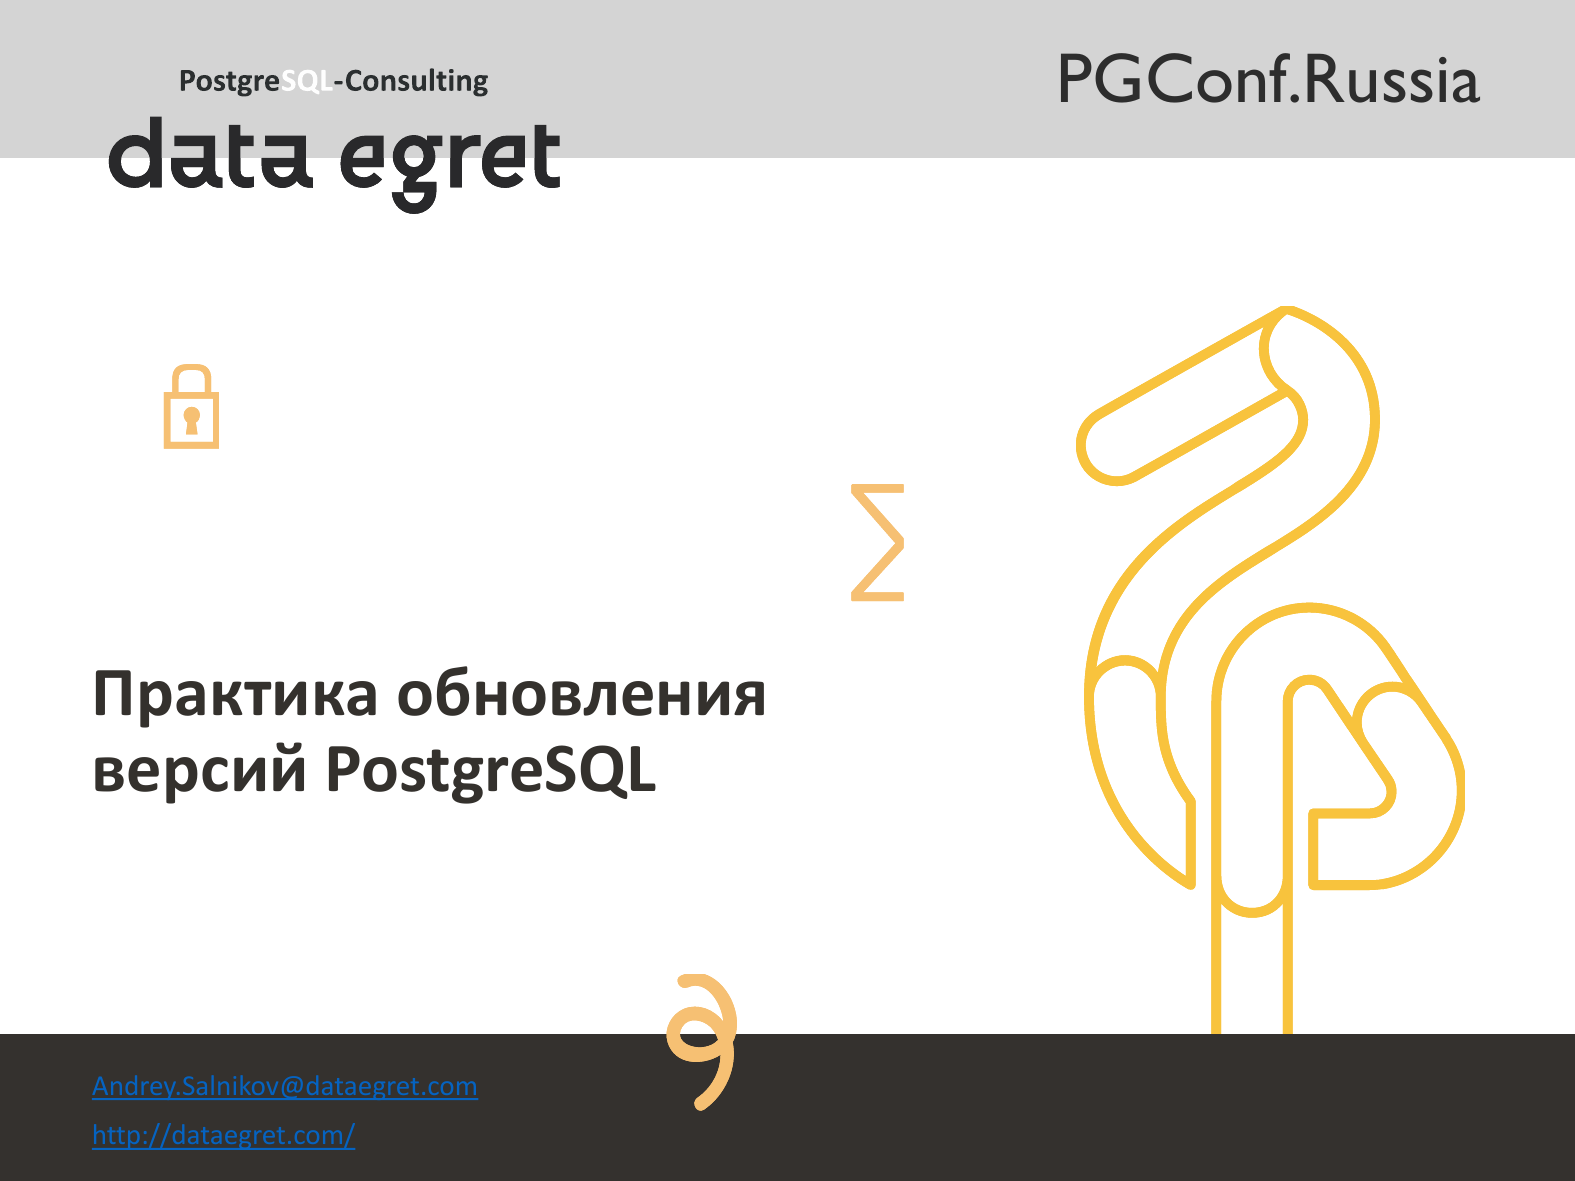 Практика обновления версий PostgreSQL. Андрей Сальников — IT-МИР. ПОМОЩЬ В IT-МИРЕ 2020